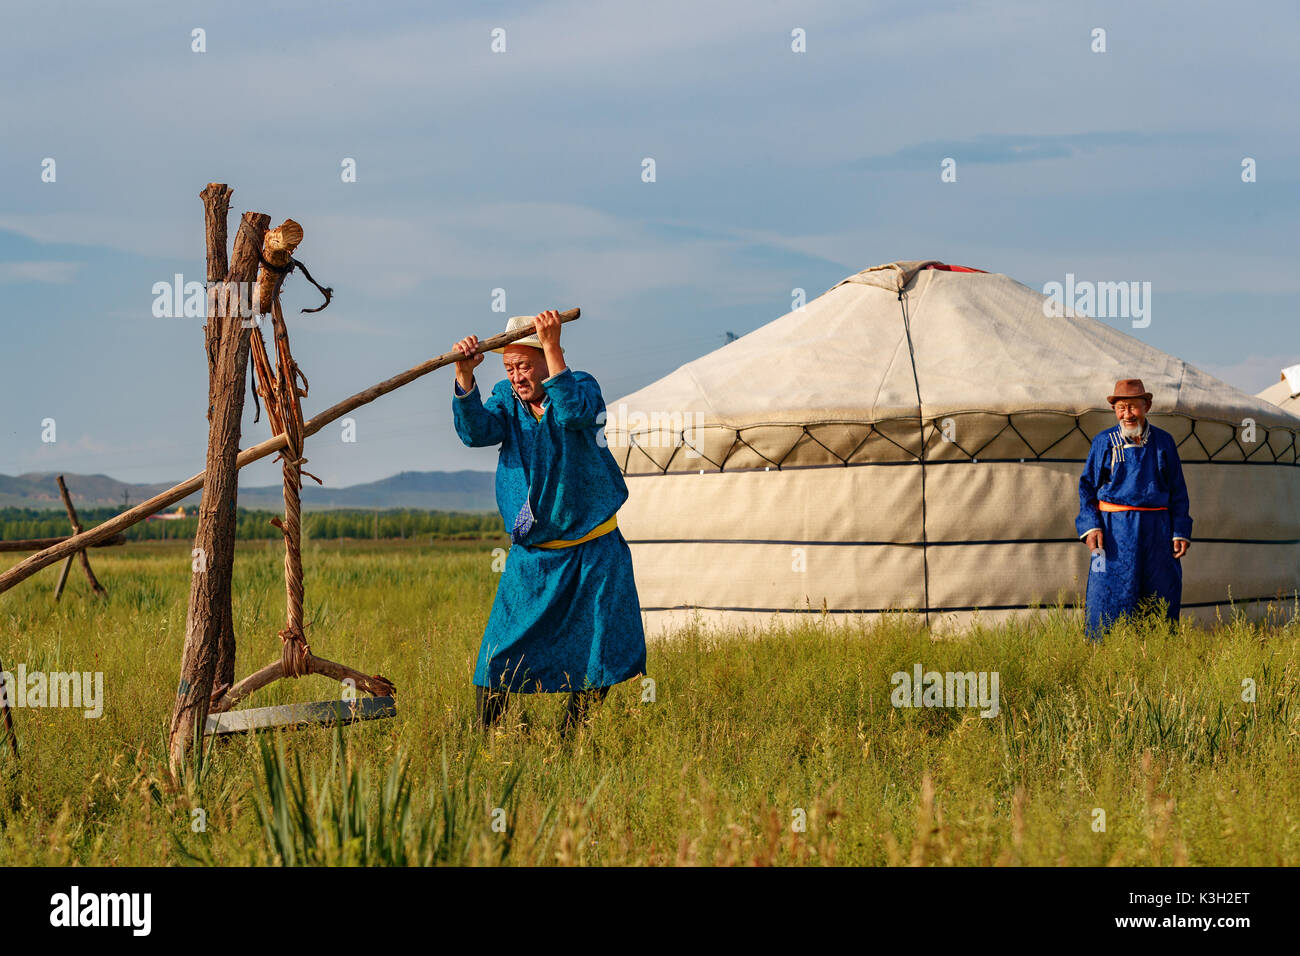 Mongolia interior, China-July 26, 2017: tradicionalmente vestidos viejos hombres mongol procesar las pieles de oveja en una forma tradicional para ulteriores trabajos en cuero. Imagen De Stock